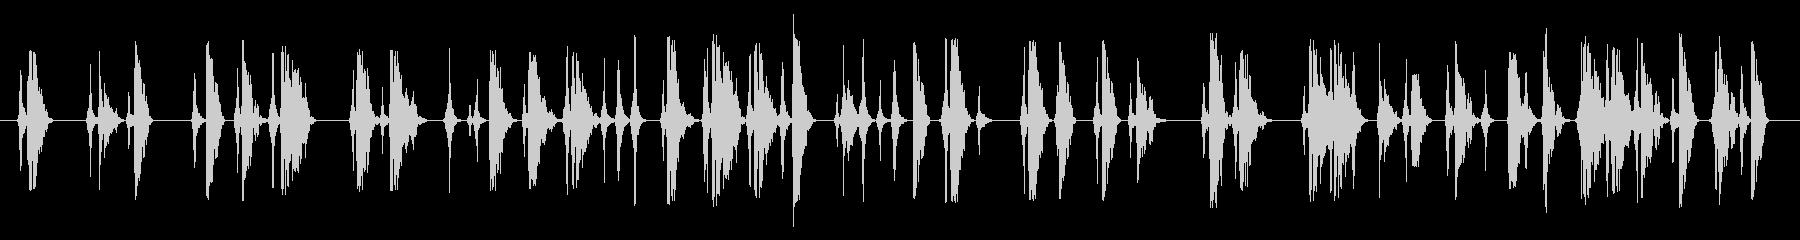 格闘シーンの未再生の波形